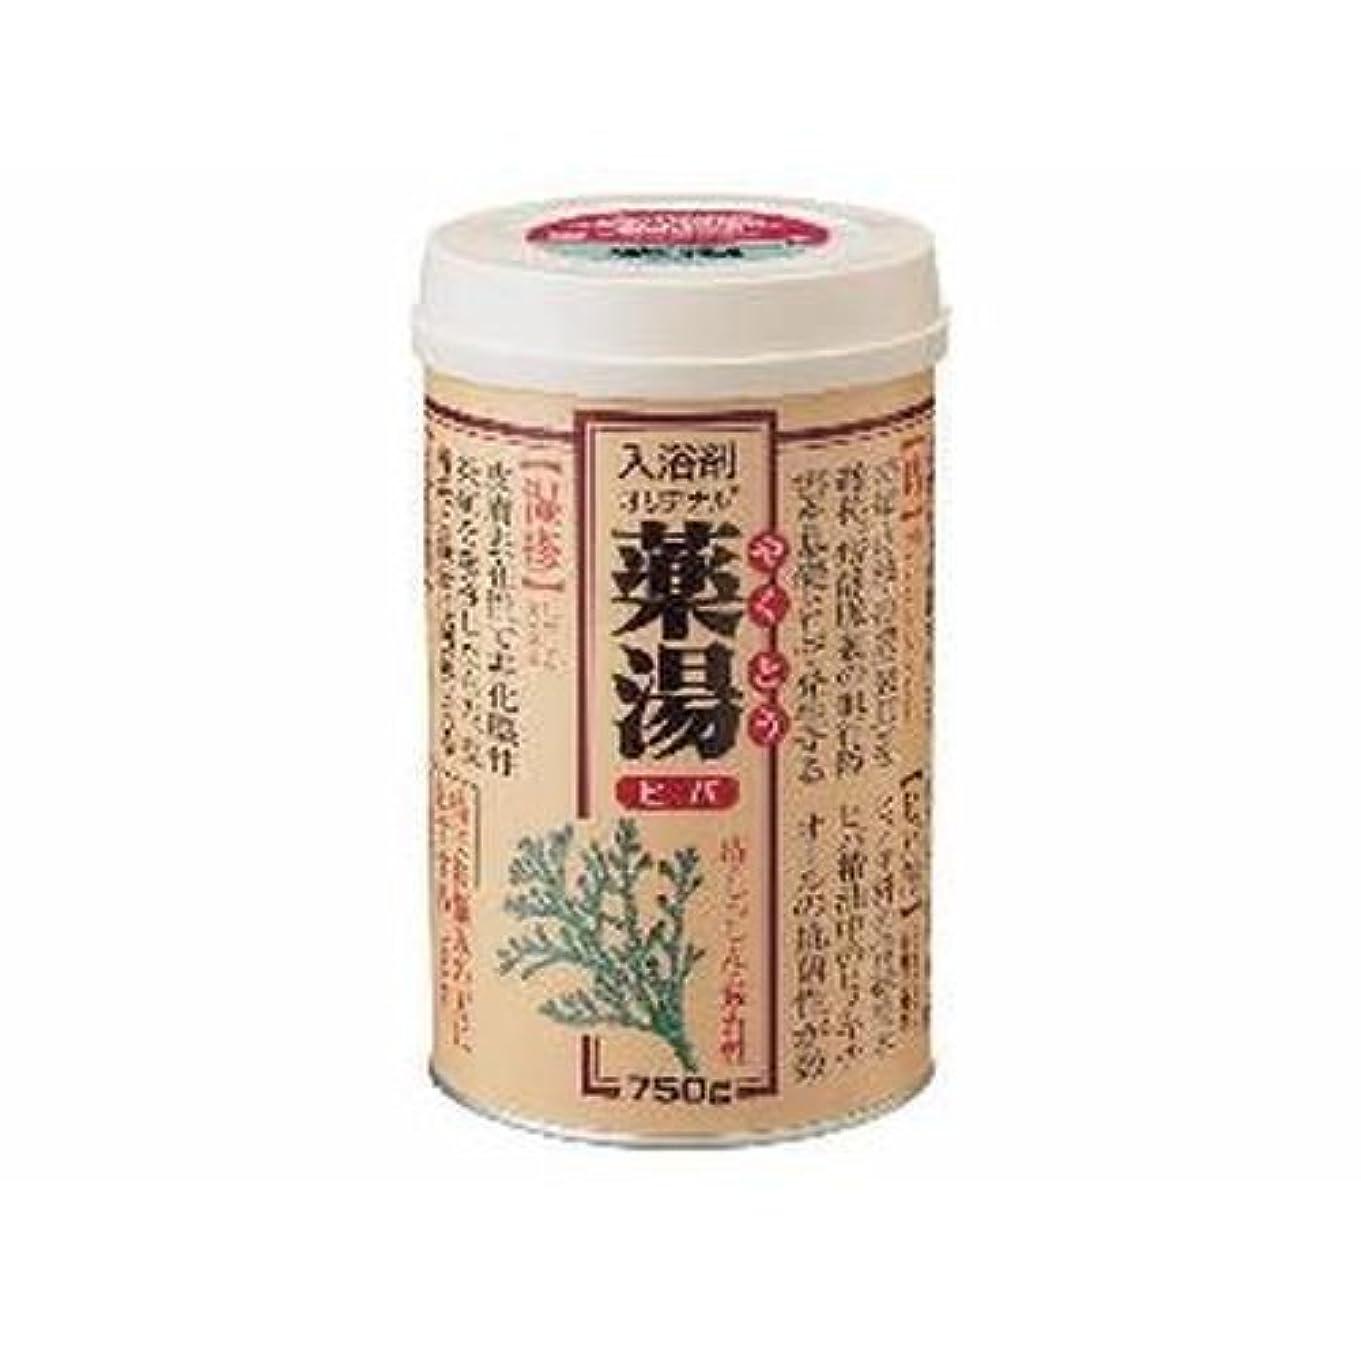 混乱昼寝排他的【まとめ買い】NEWオリヂナル薬湯 ヒバ 750g ×2セット